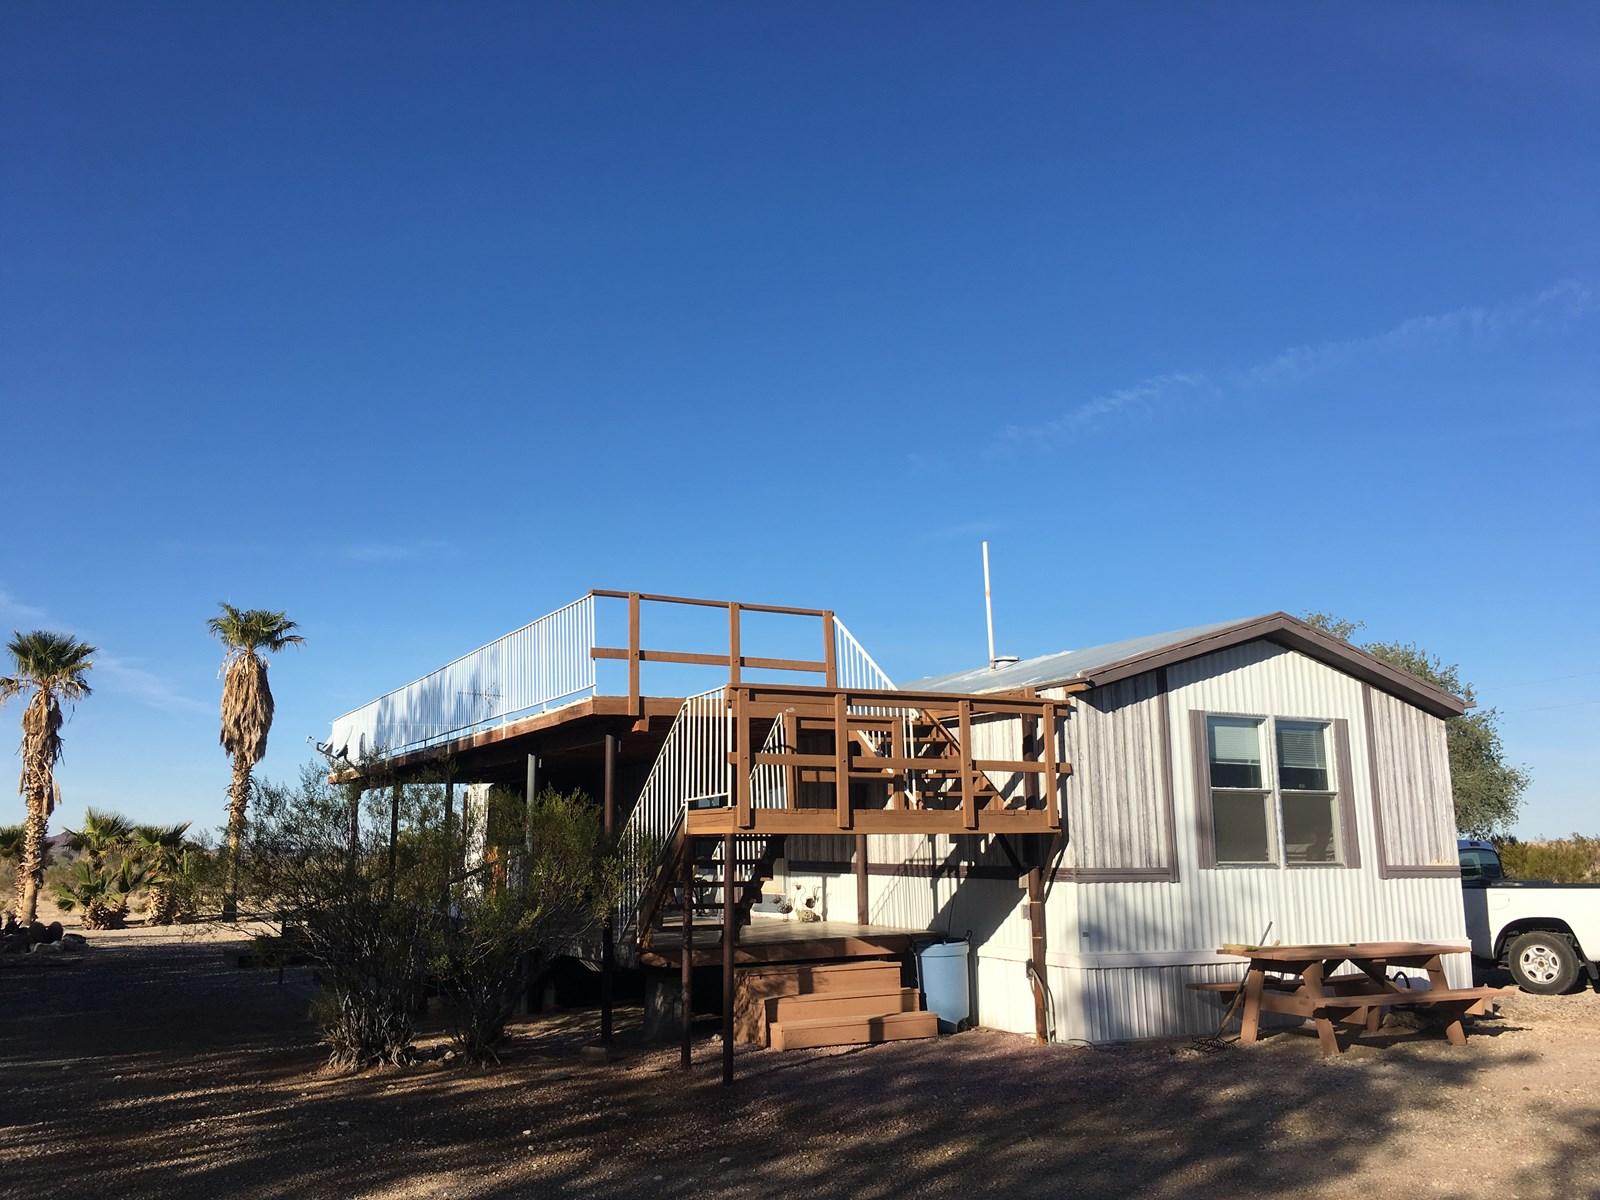 Bouse AZ 8 Acre Homesite with extra RV Hook Ups